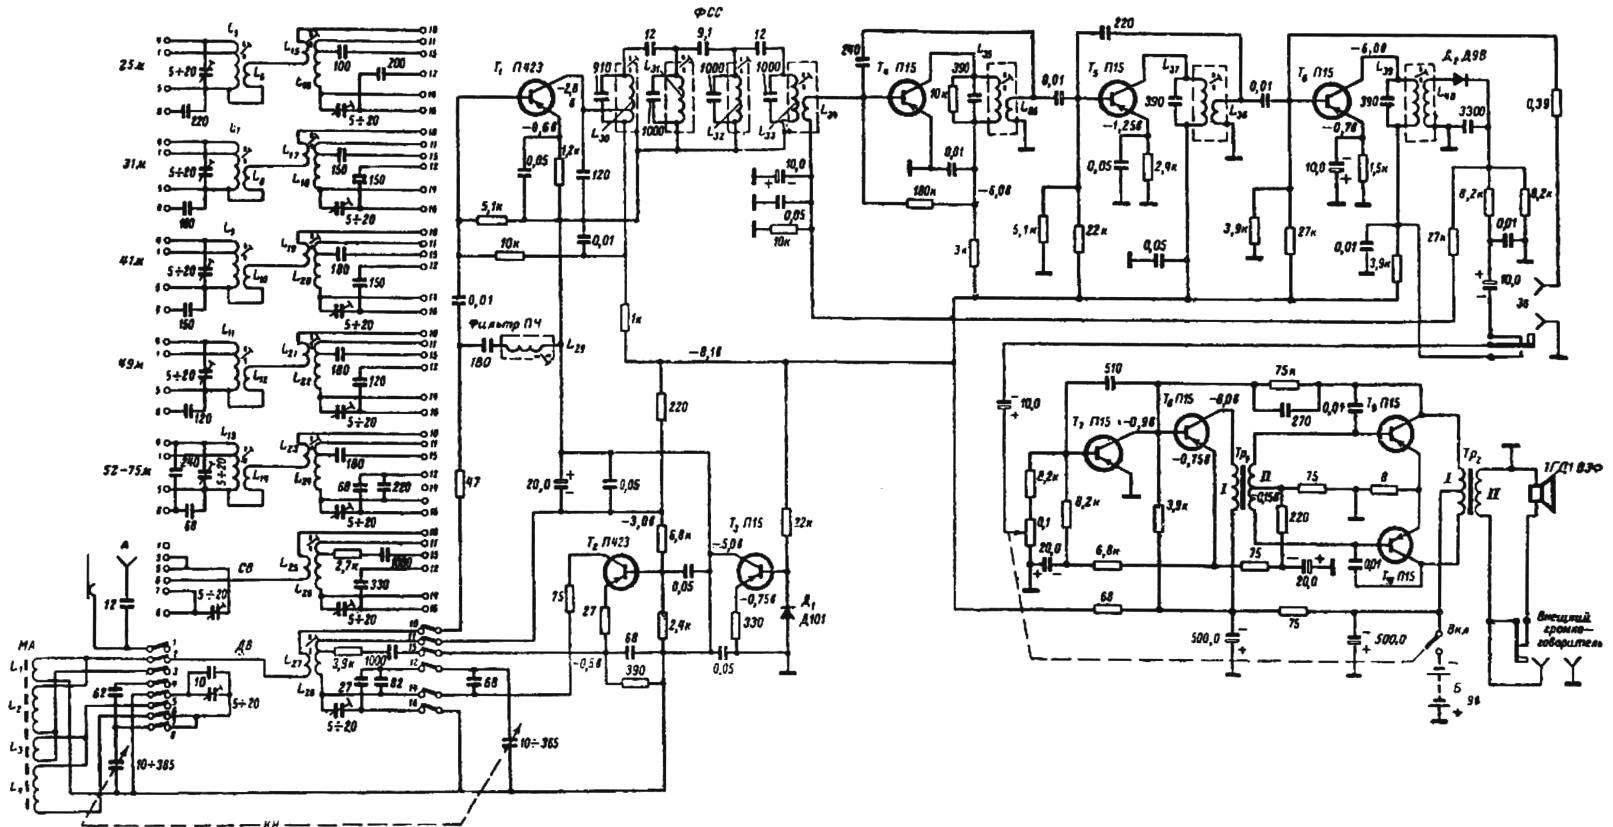 Рис. 2. Принципиальная схема приемника «Спидола» (изображение по старому ГОСТу)